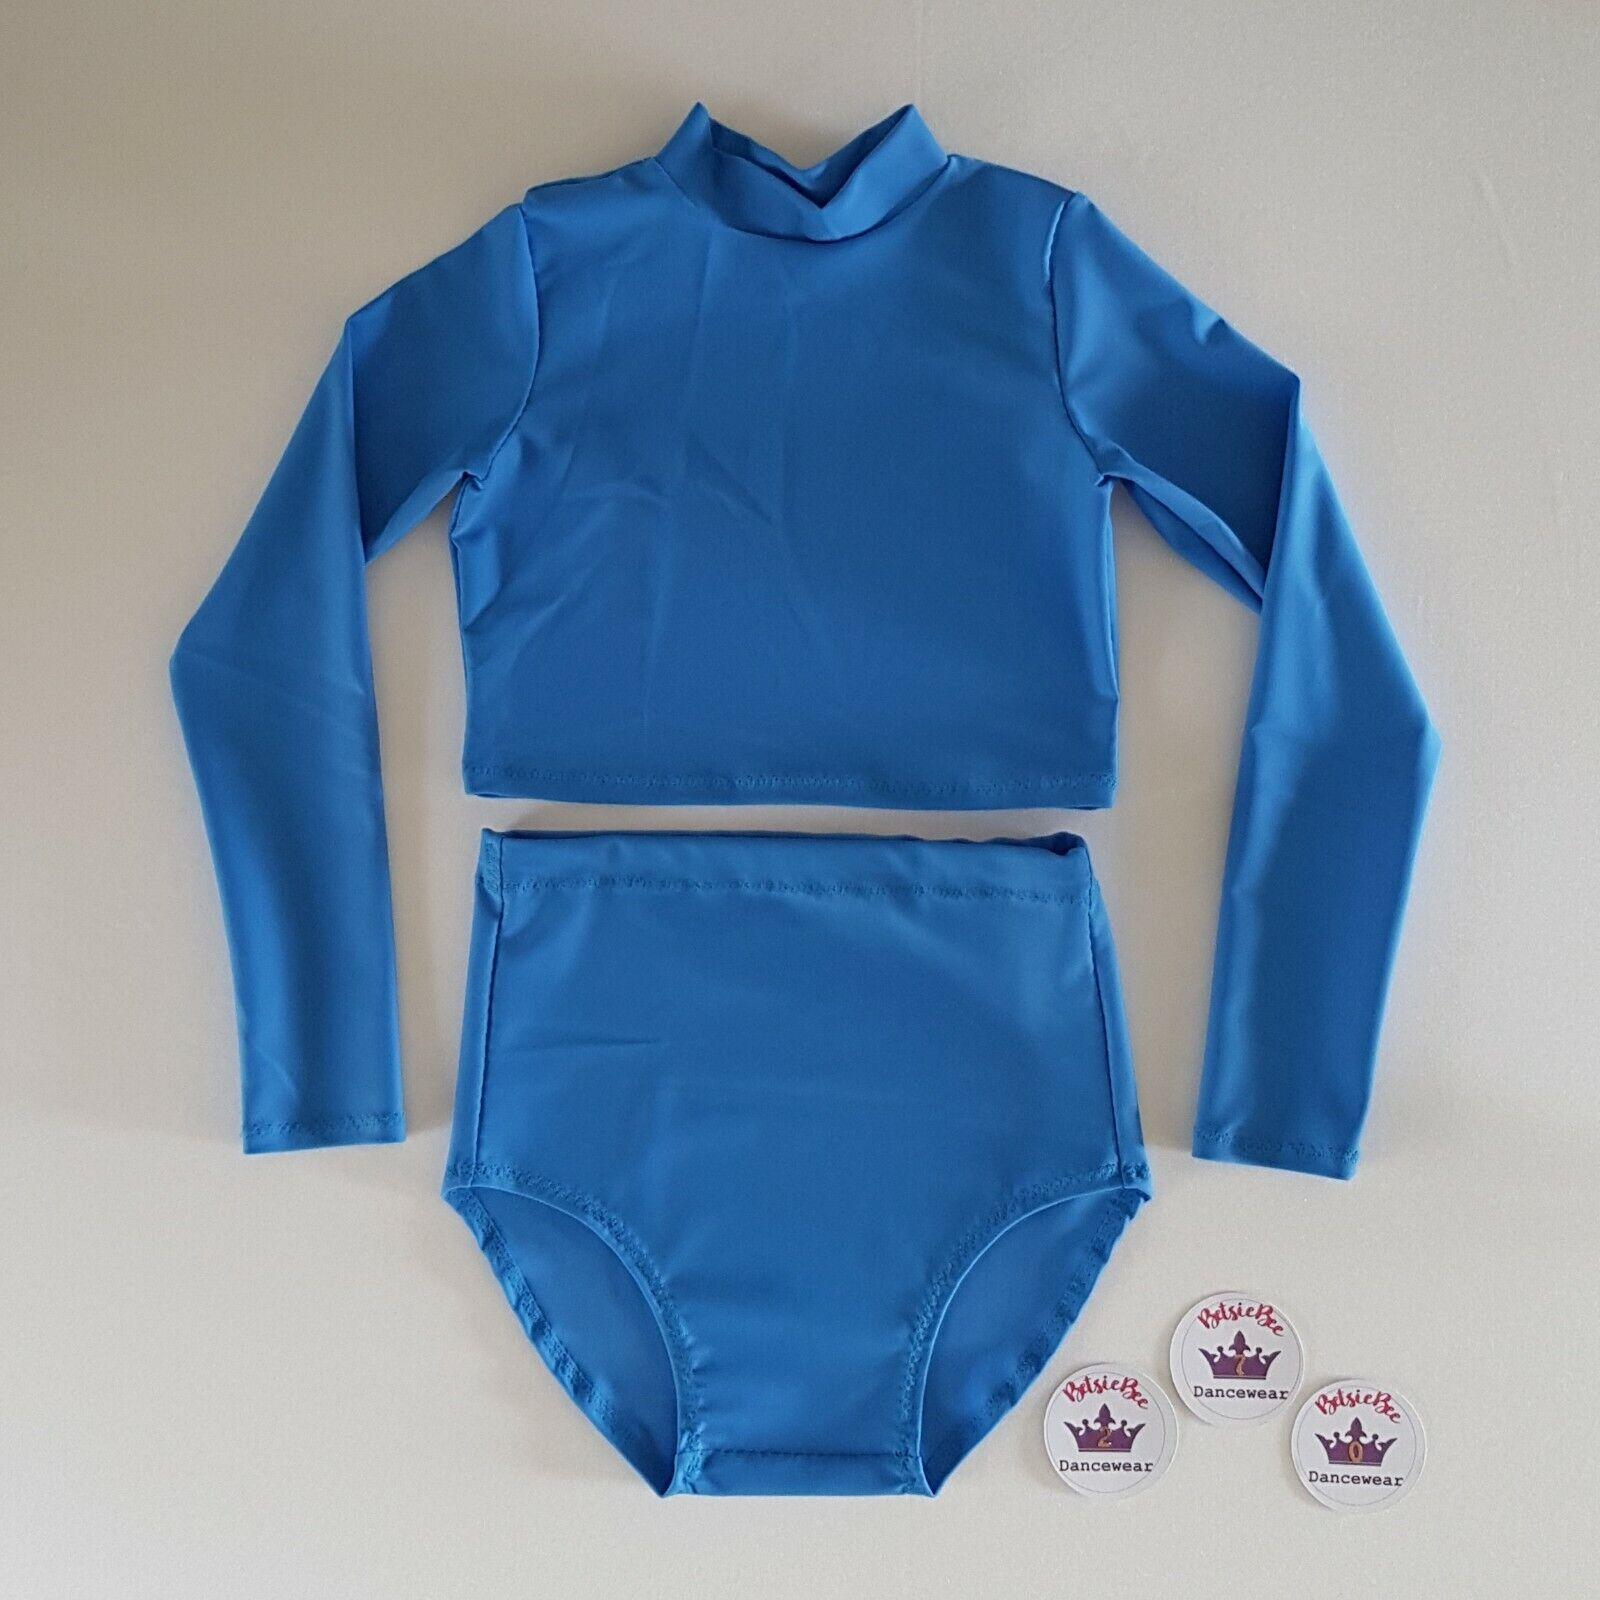 (#270) Age 5/7 Dance Beginner Freestyle Cropped Top/Briefs Set Cornflower Blue